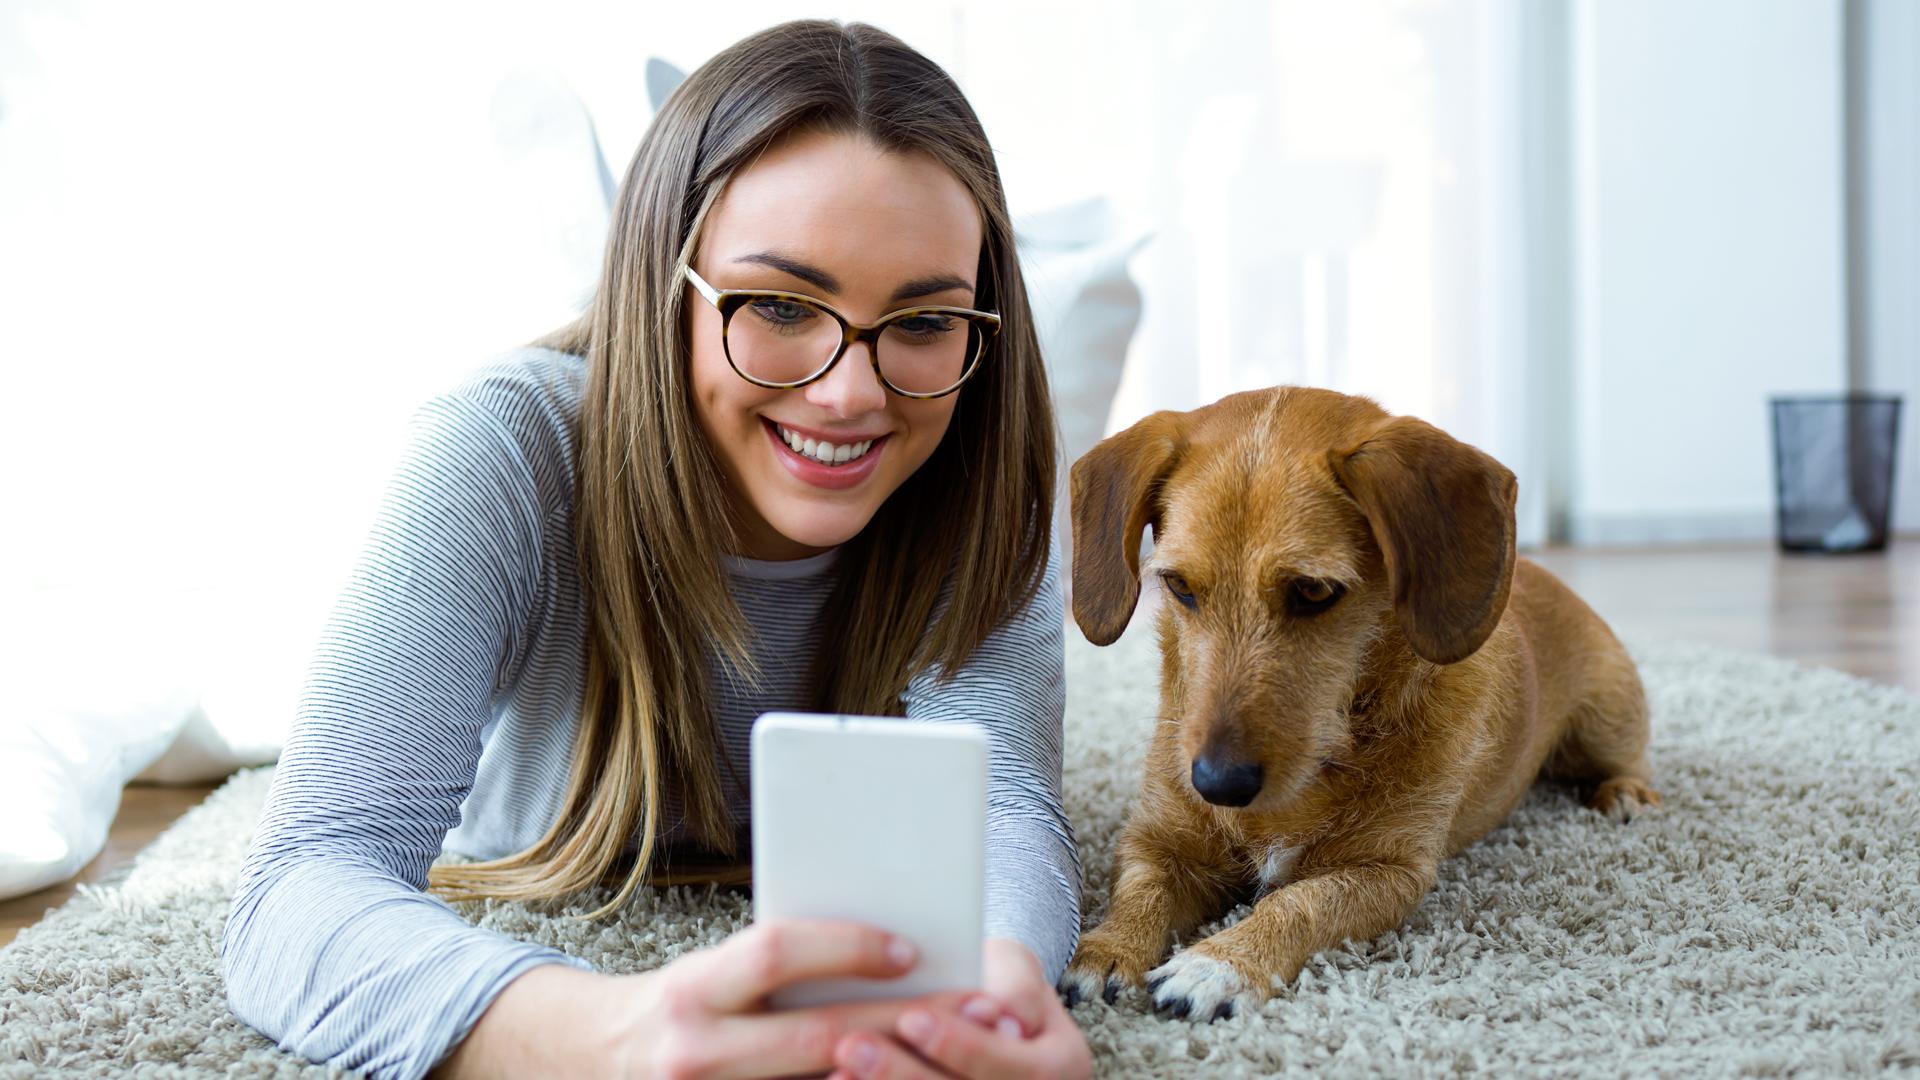 Los perros domésticos pueden ser muy amigables con los seres humanos